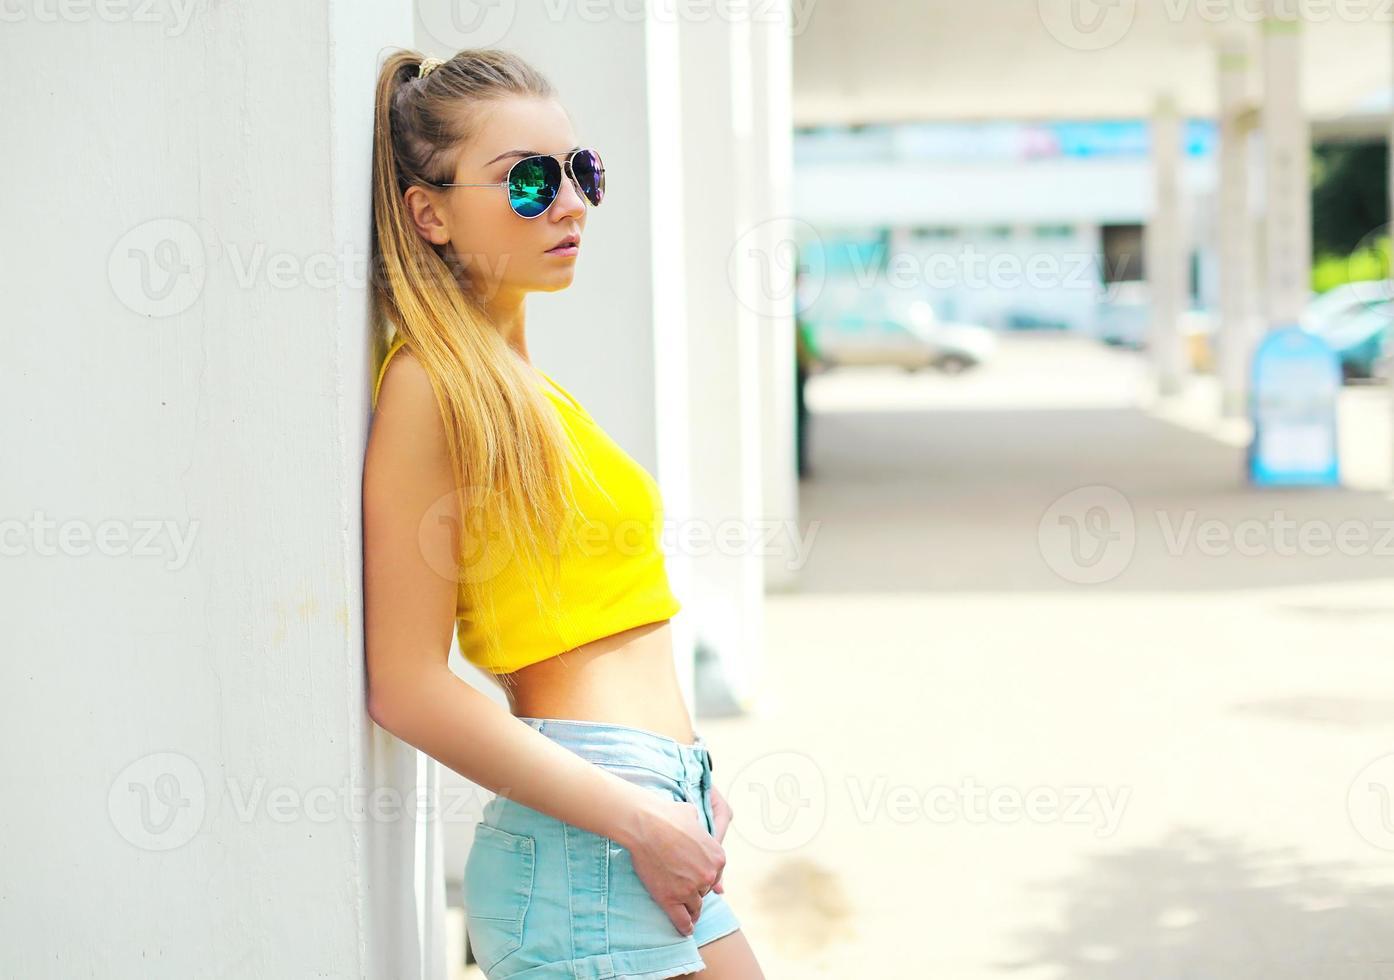 mode portrait jeune femme portant des lunettes de soleil et t-shirt en photo